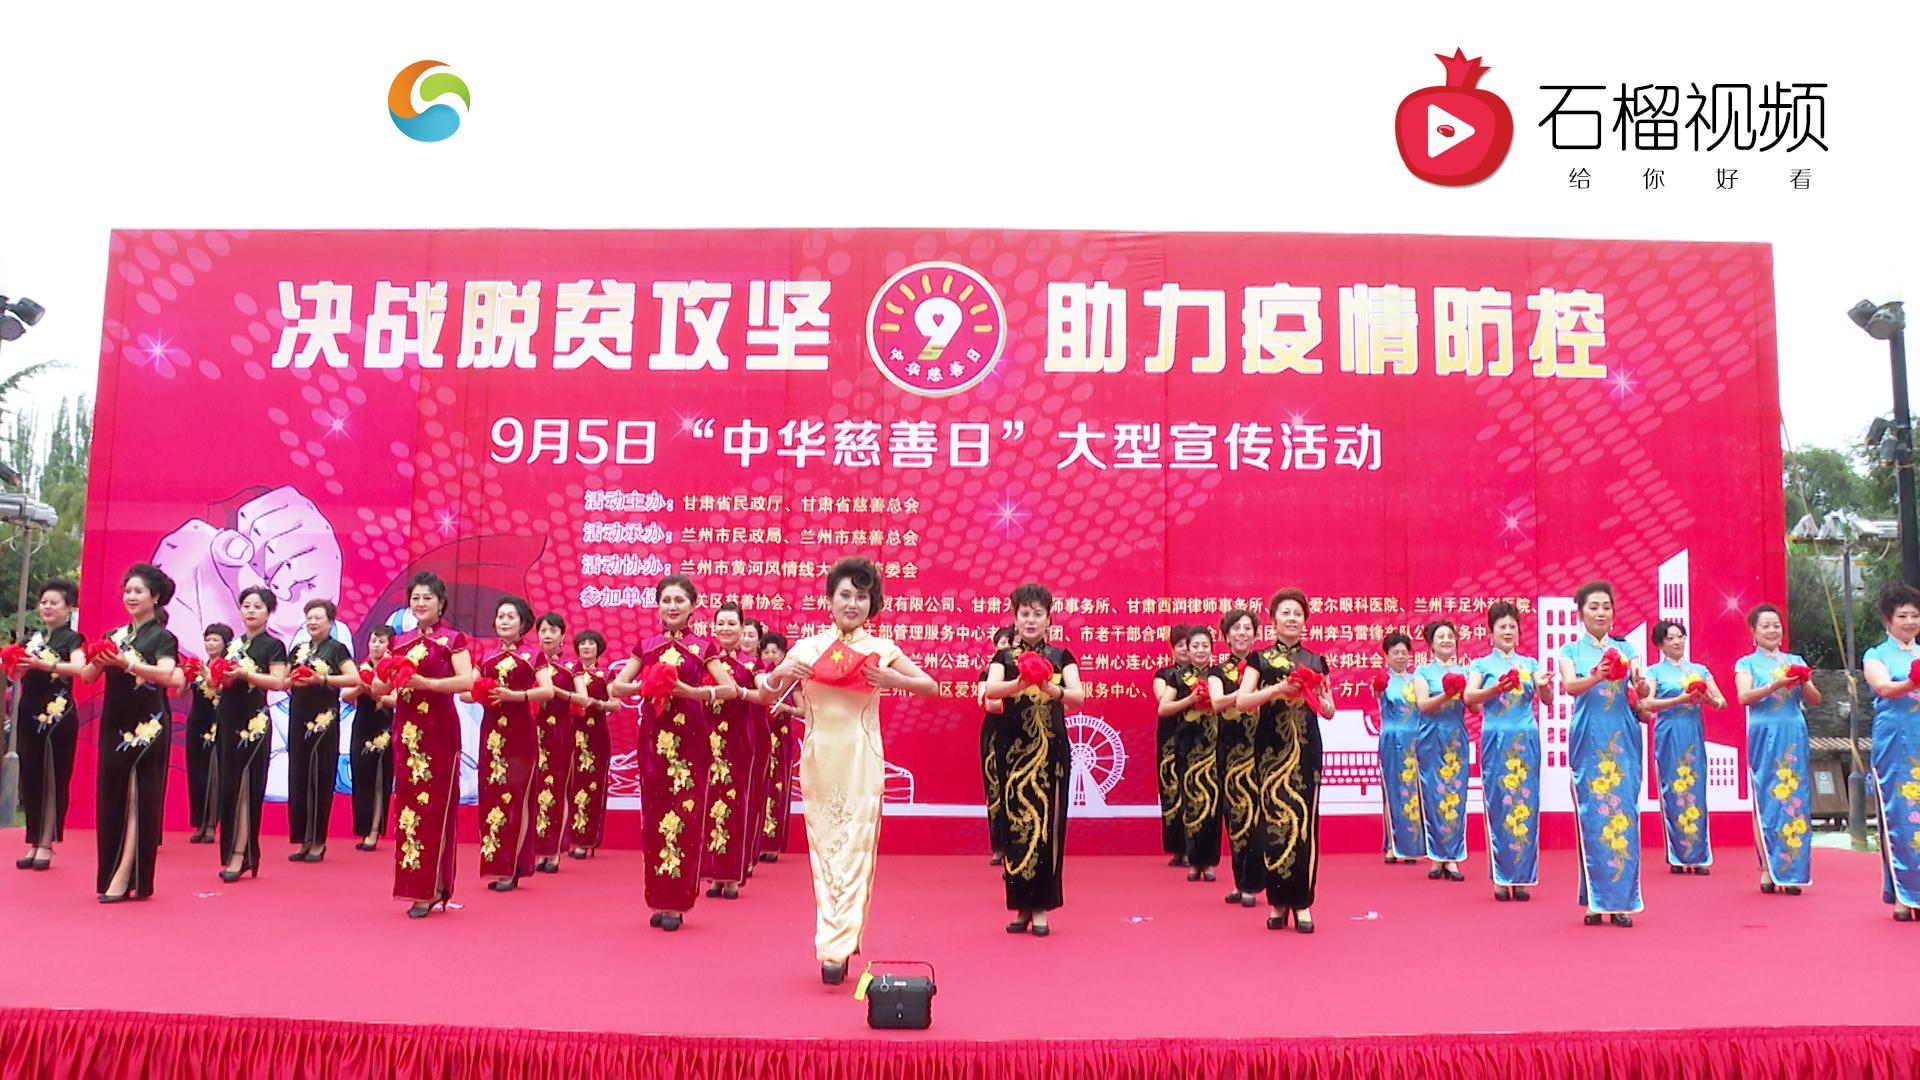 旗袍秀《我爱你中国》